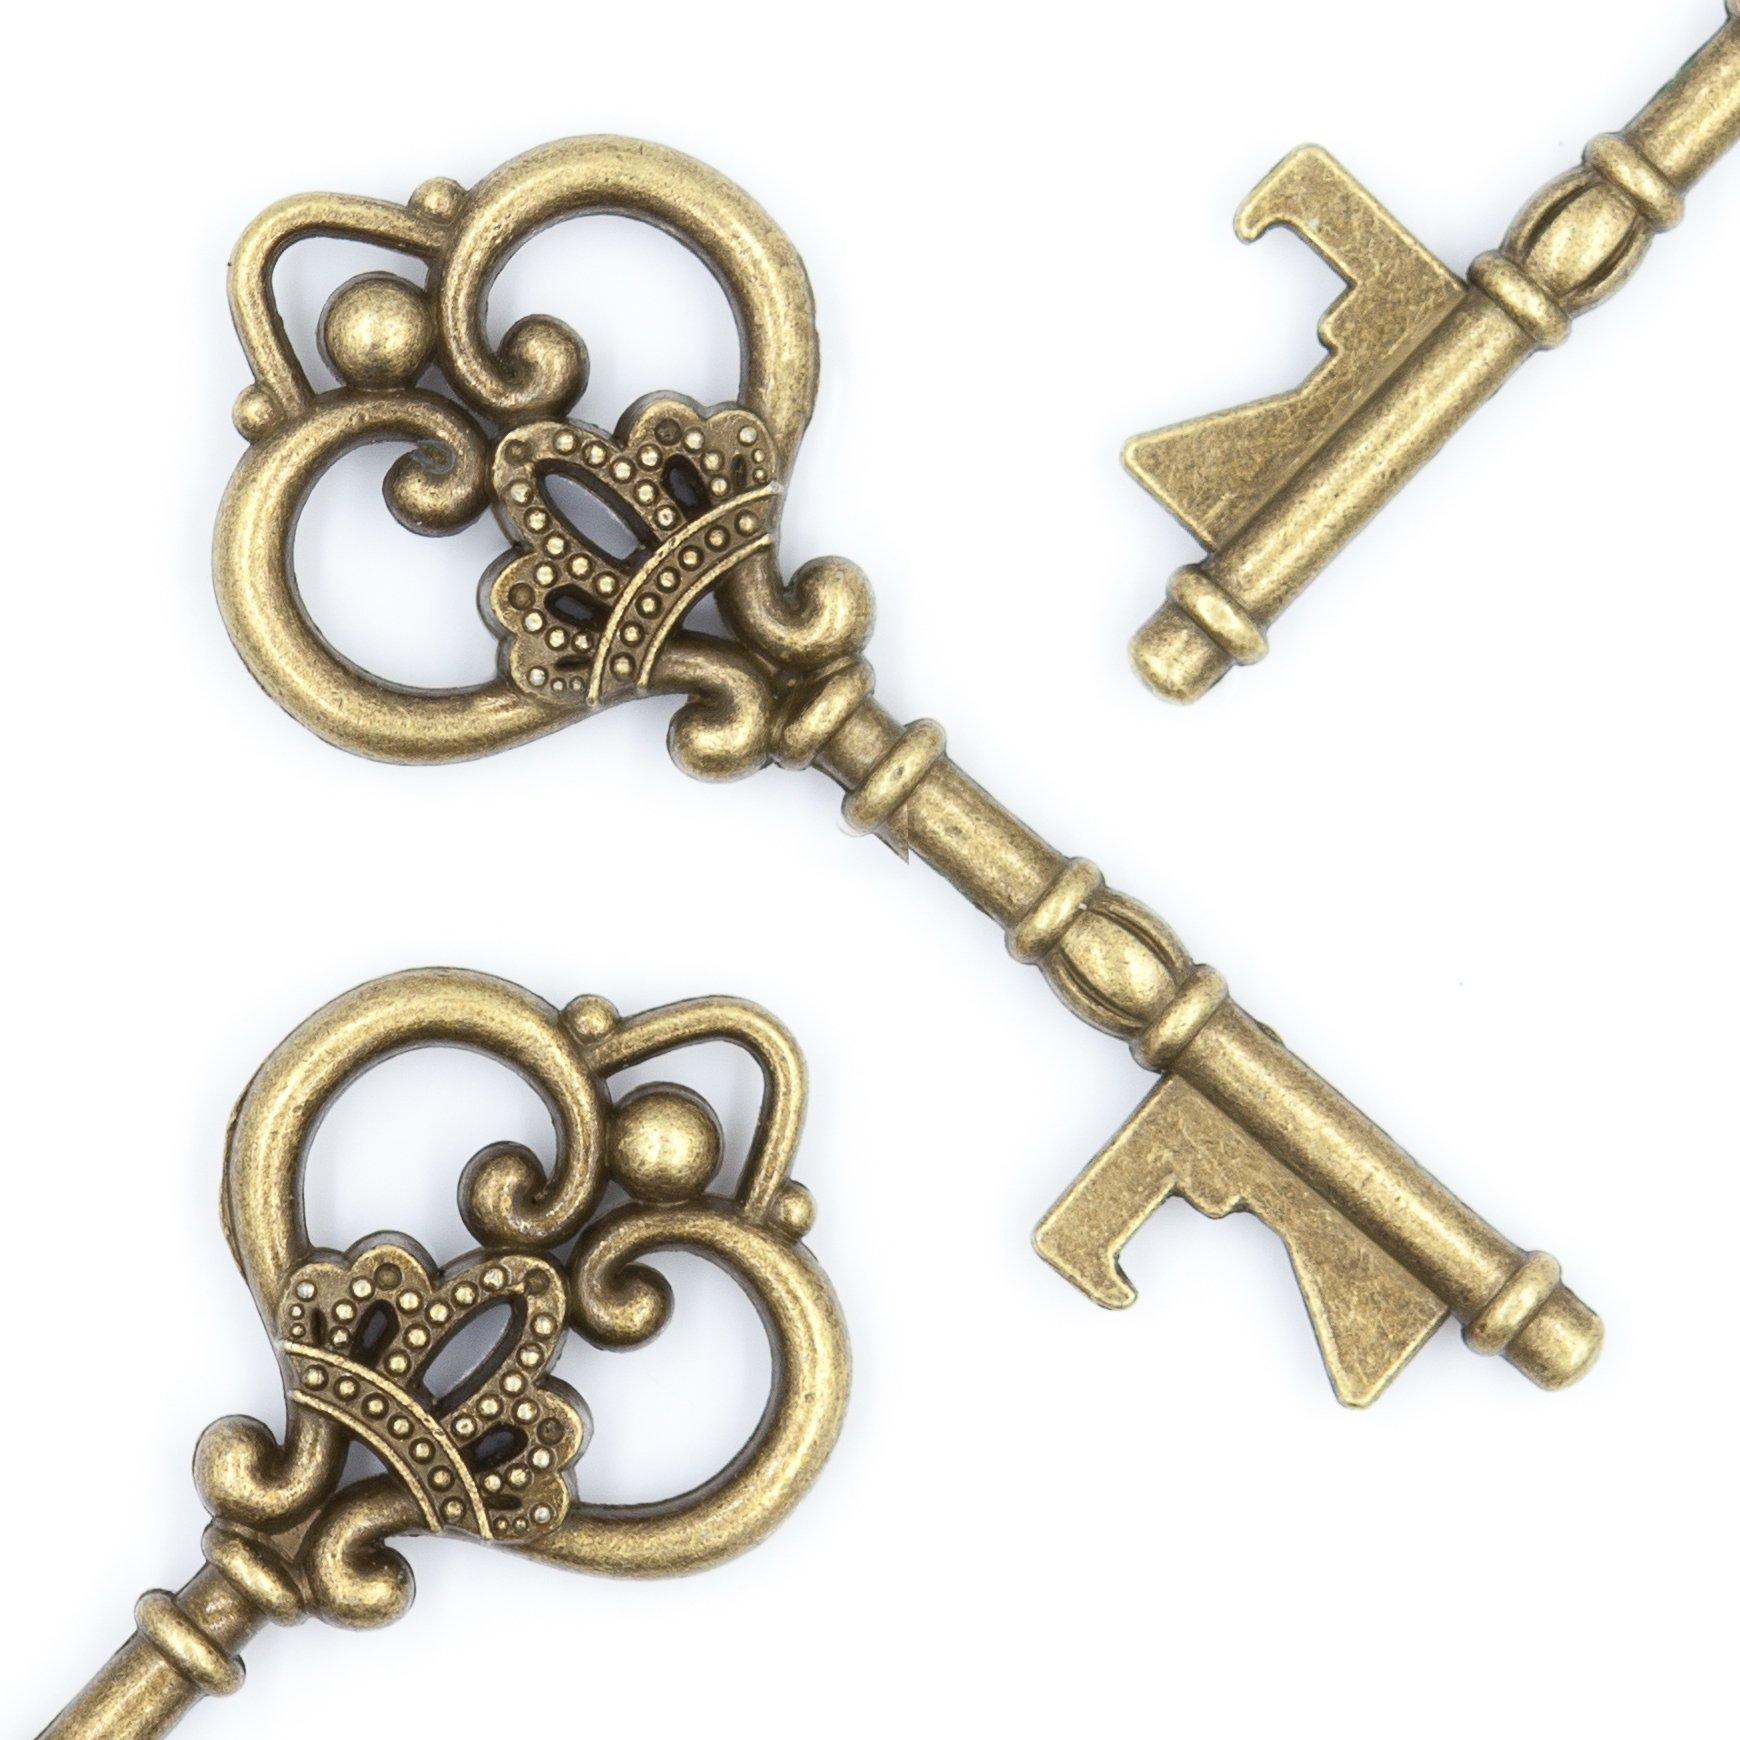 Ella Celebration Wedding Favors - Vintage Skeleton Key Bottle Openers - Queen Keys (50, Antique Gold)